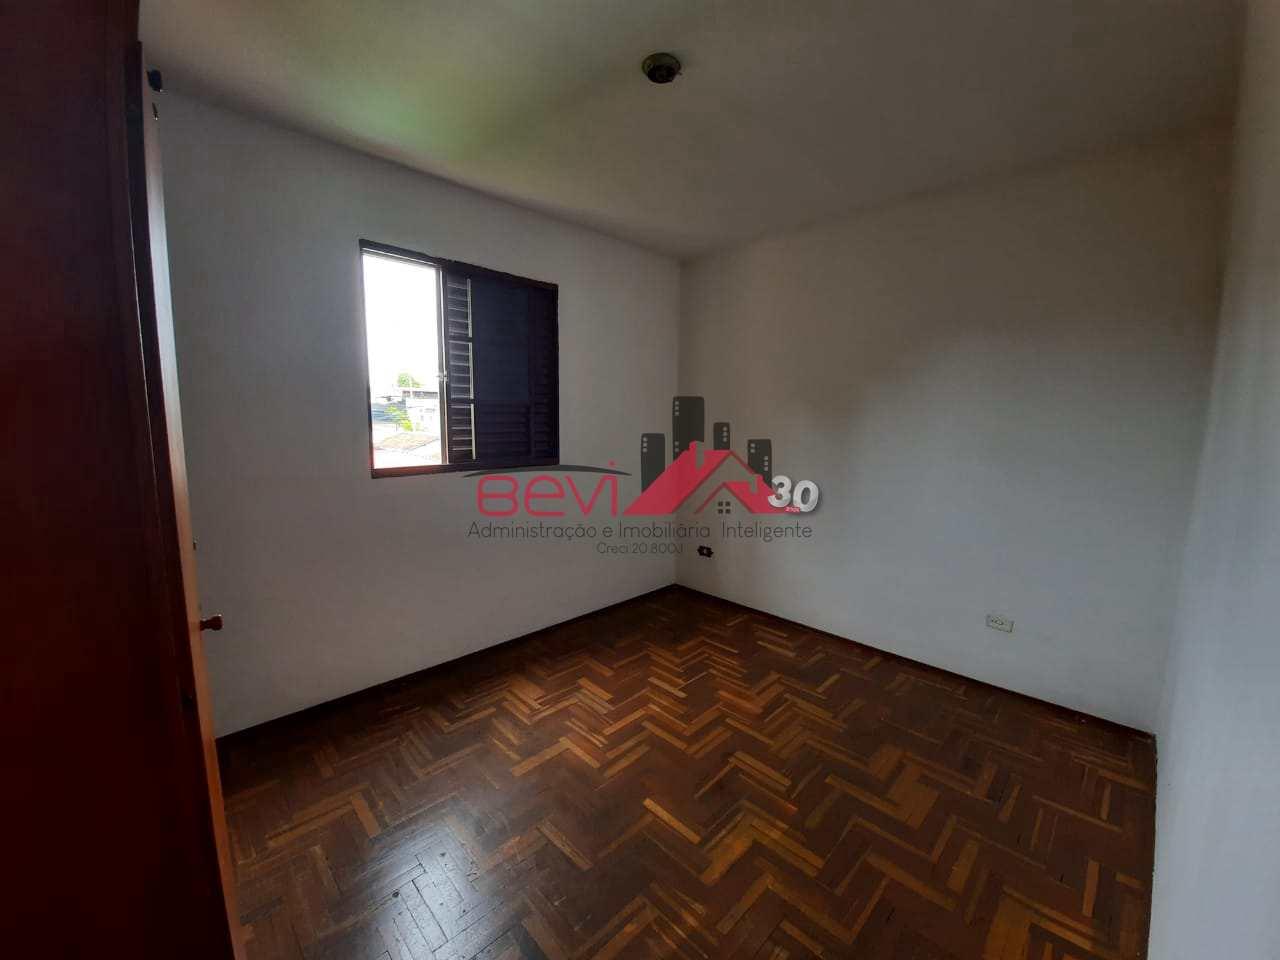 Apartamento com 68,46 m² de área útil no bairro Jd Caxambu!